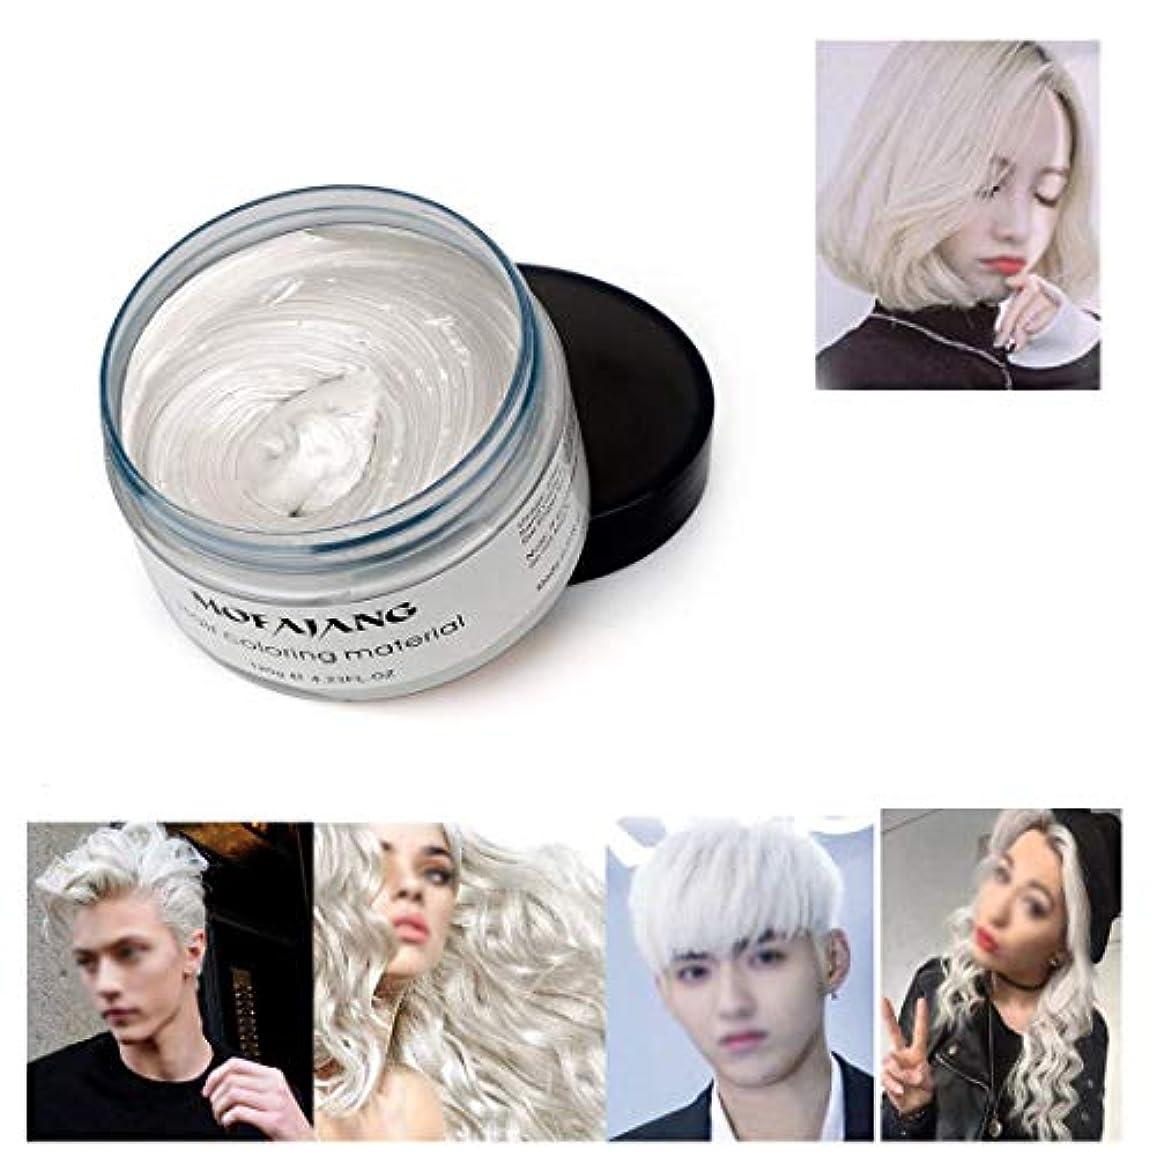 説明的区画国際髪色ワックス,一度だけ一時的に自然色染料ヘアワックスをモデリング,パーティーのための自然なマット髪型。コスプレ、仮装、ナイトクラブ、ハロウィーン (ホワイト)